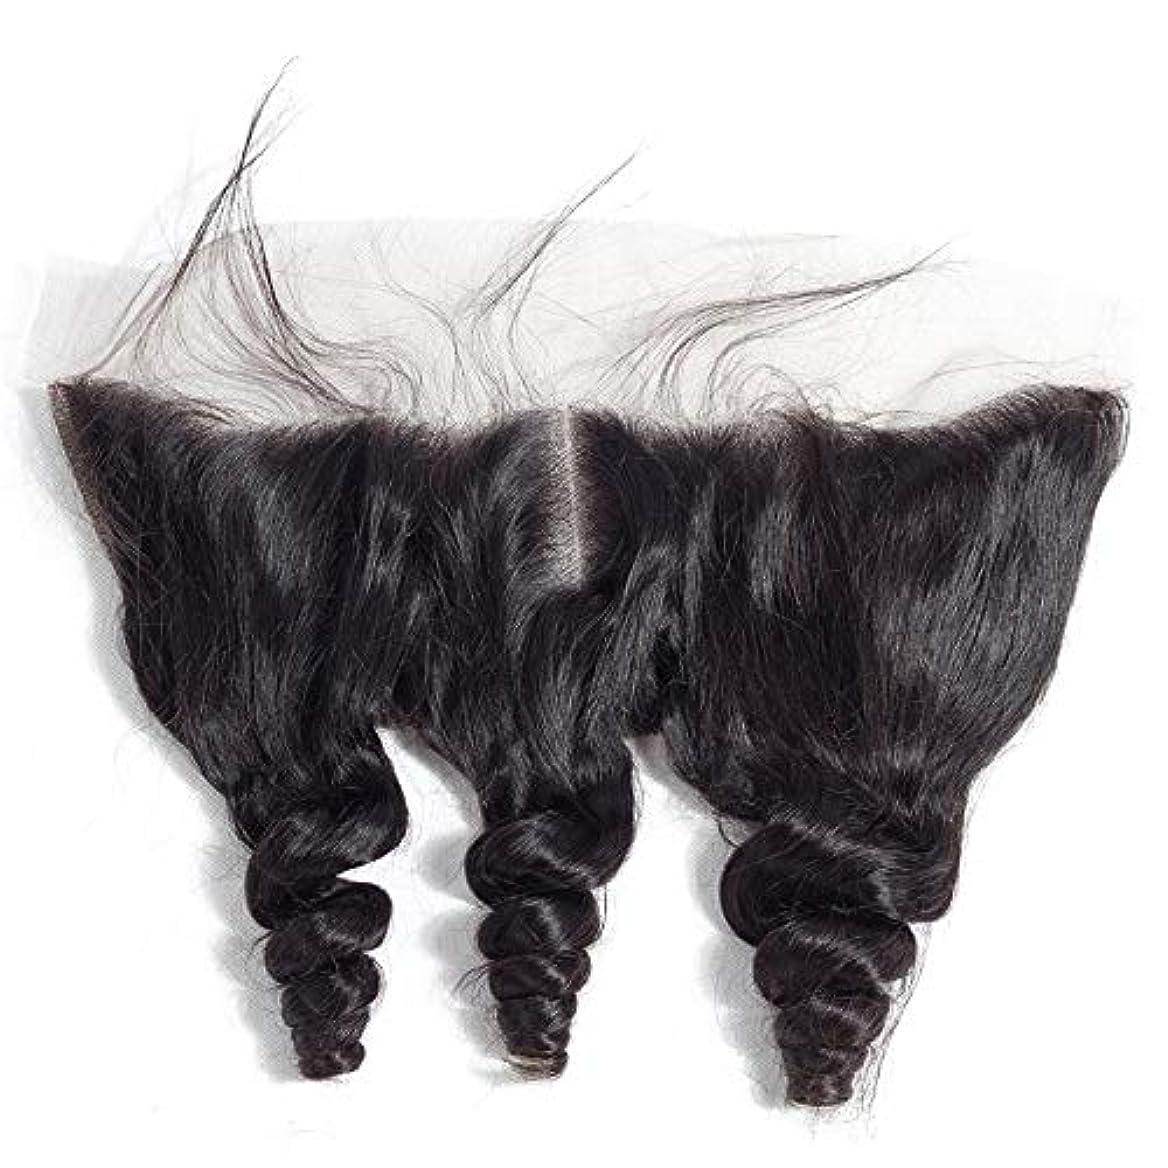 不適切な独創的限られたWASAIO ヘアエクステンションクリップ裏地なし髪型ブラジルルーズウェーブ13 * 4レースフロンタル閉鎖横隔膜パート人間 (色 : 黒, サイズ : 8 inch)